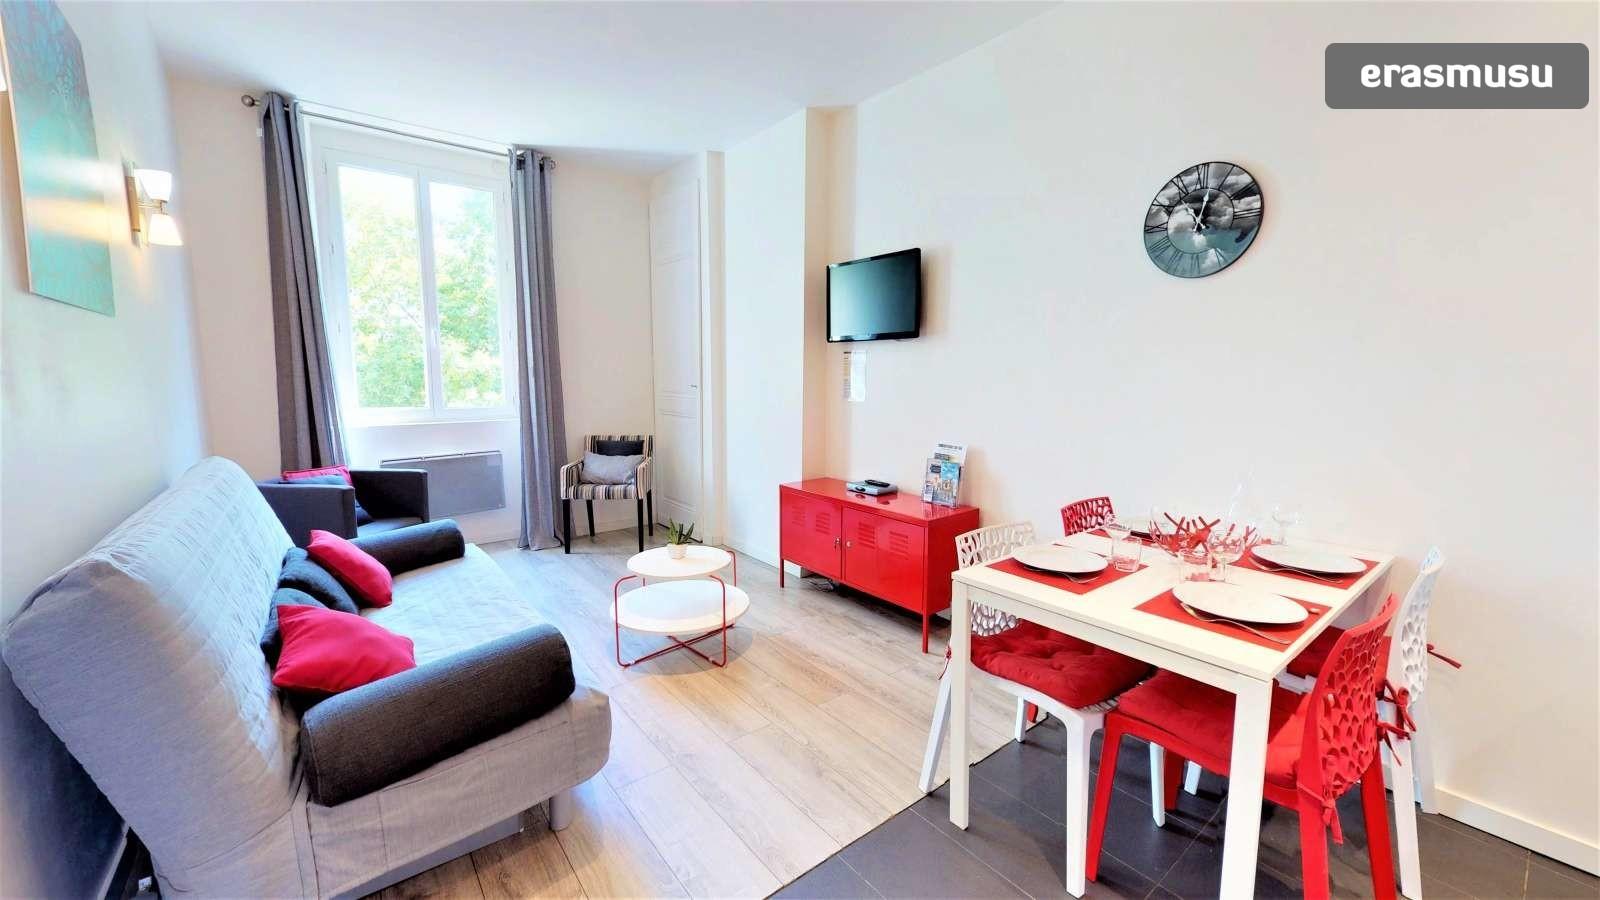 1-bedroom-apartment-rent-part-dieu-12f655439fb5cf0c6d44cd4f58af0